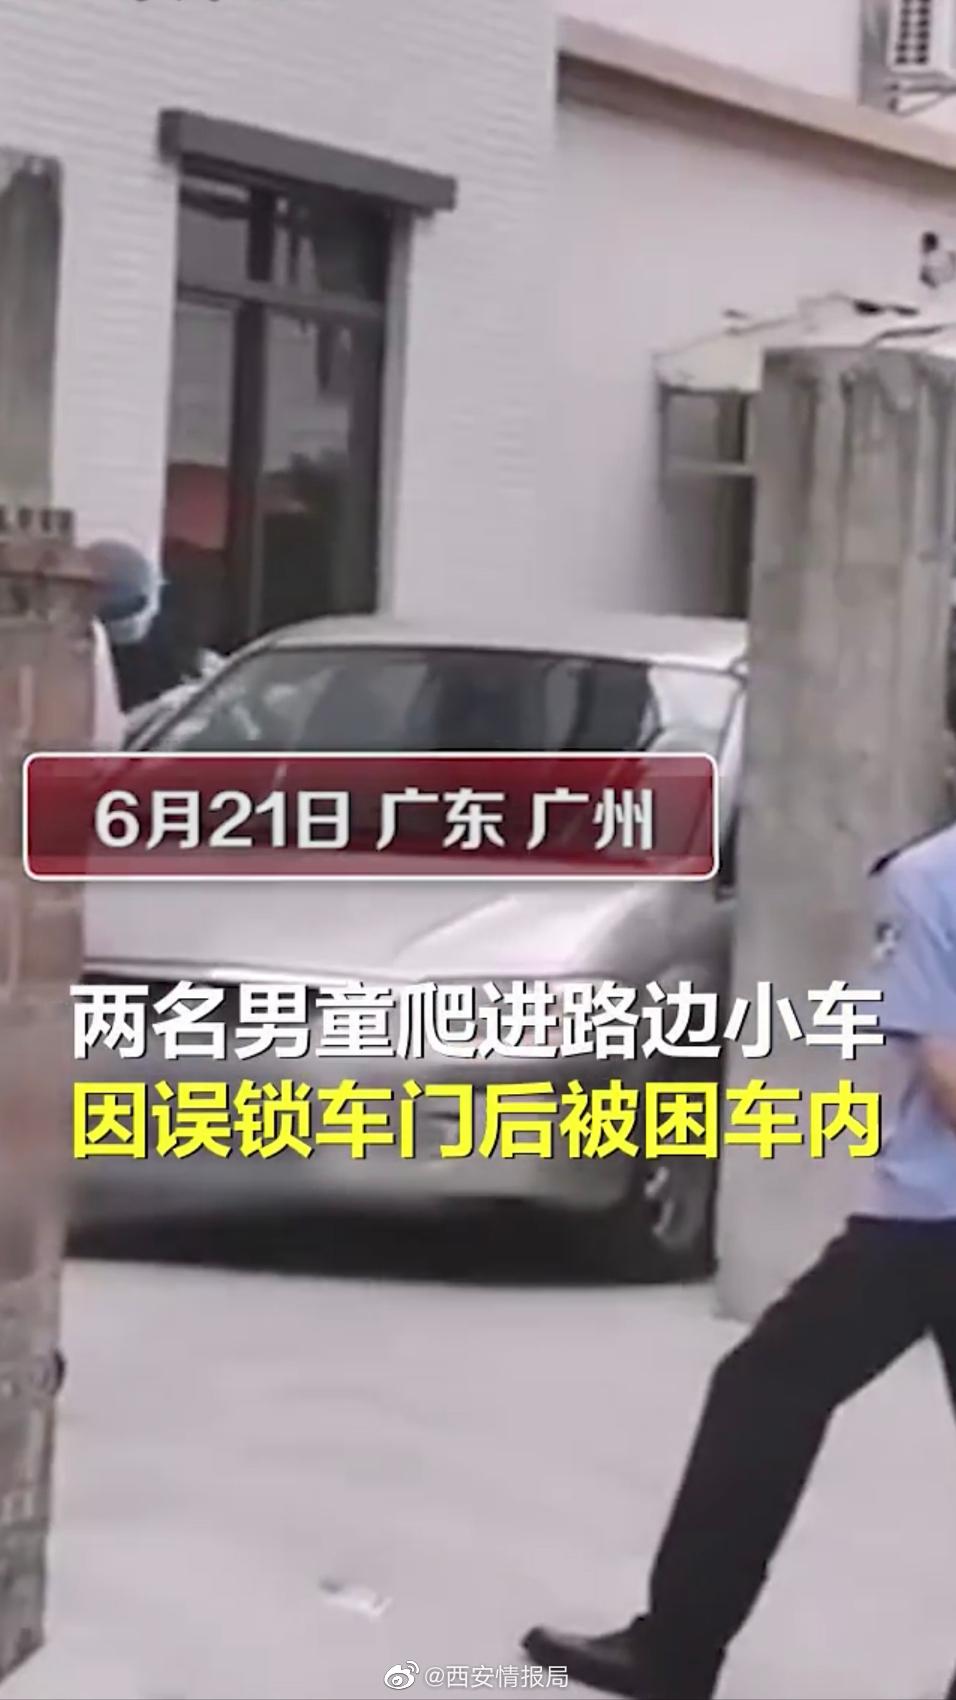 两名男童爬进路边车内被困,最终抢救无效脱水休克死亡